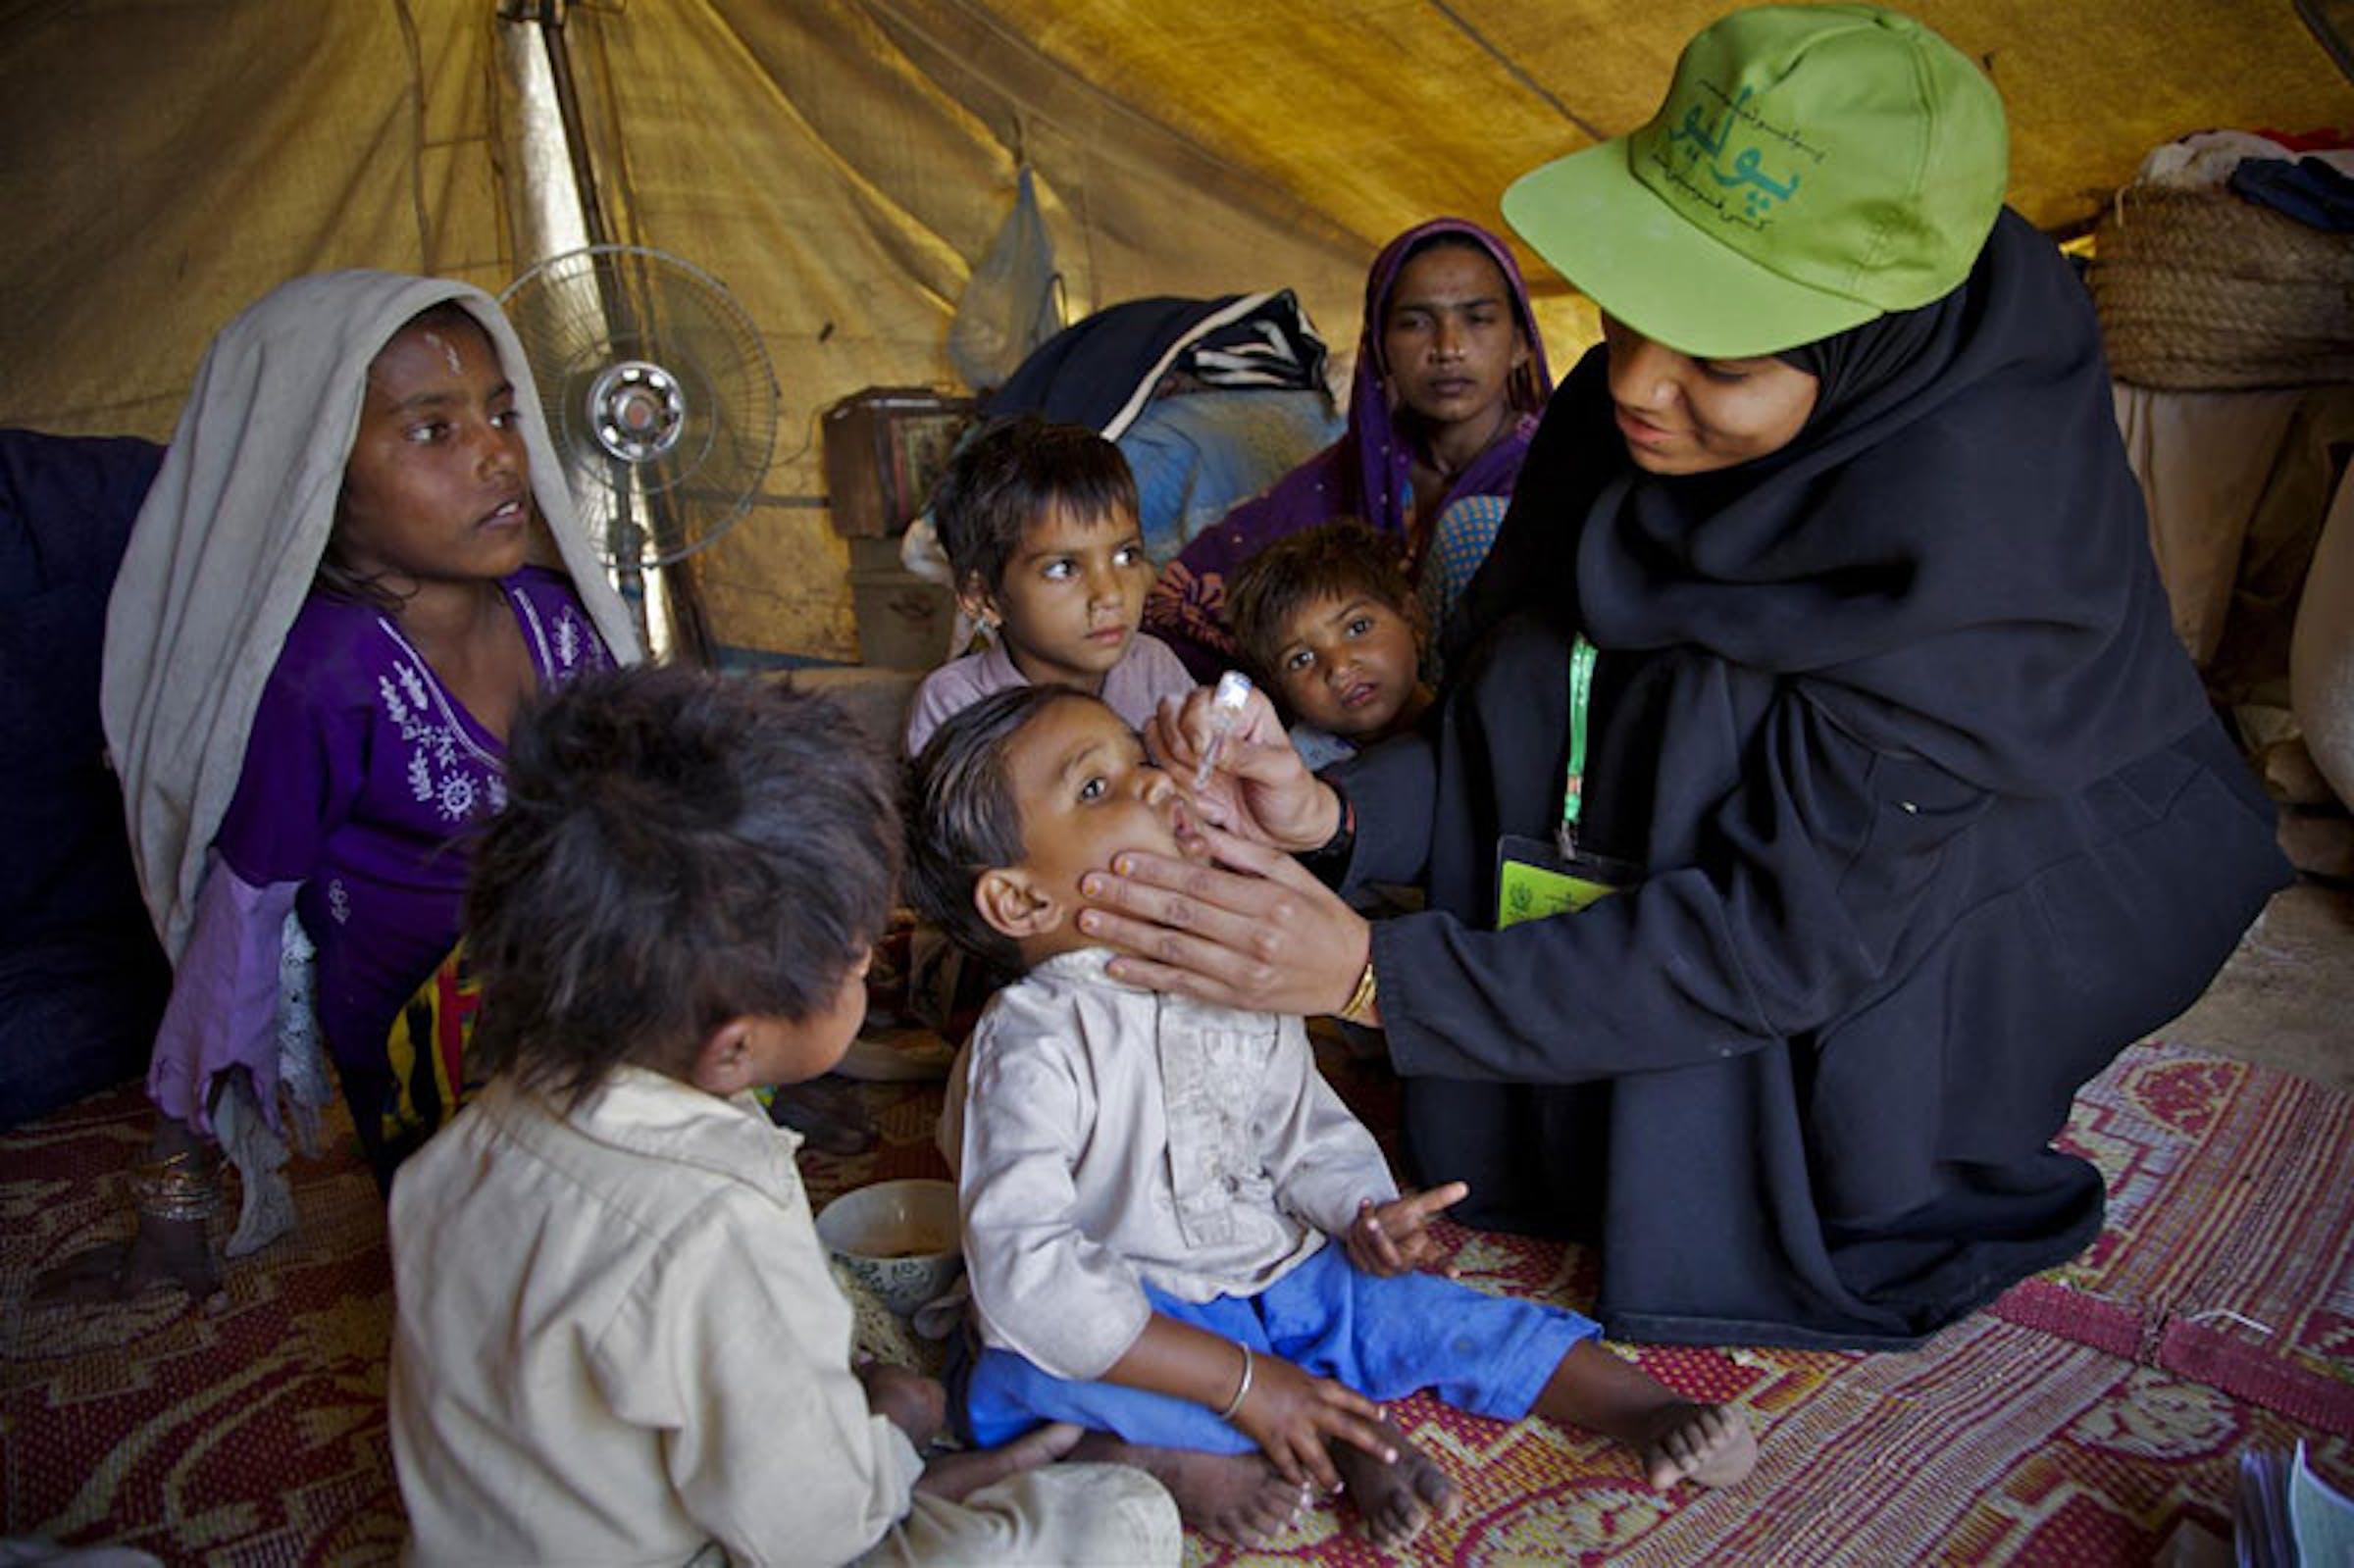 Un'operatrice sanitaria somministra una dose di vaccino orale antipolio a un bambino durante le Giornate nazionali di vaccinazione del 2011 in Pakistan - ©UNICEF/NYHQ2011-0185/Zaidi